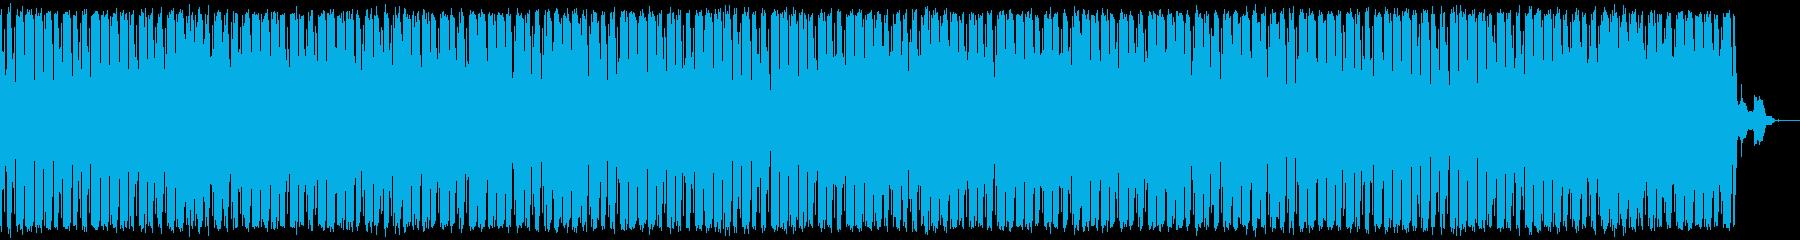 あやしい集会と叫び声のビートの再生済みの波形